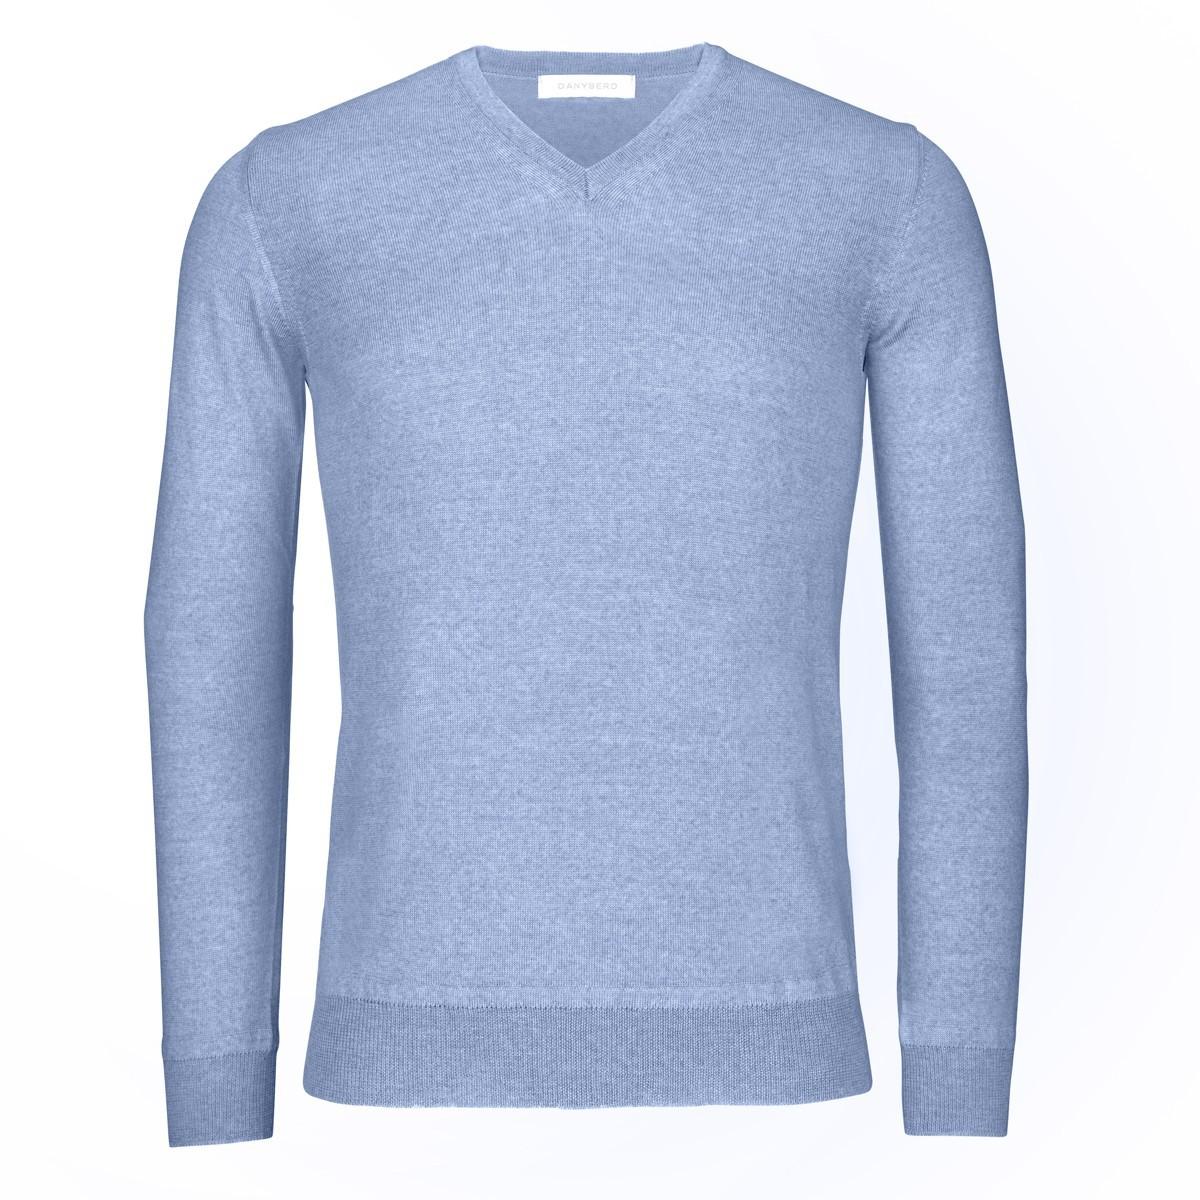 Pull Bleu Ciel - Col V - Coudières